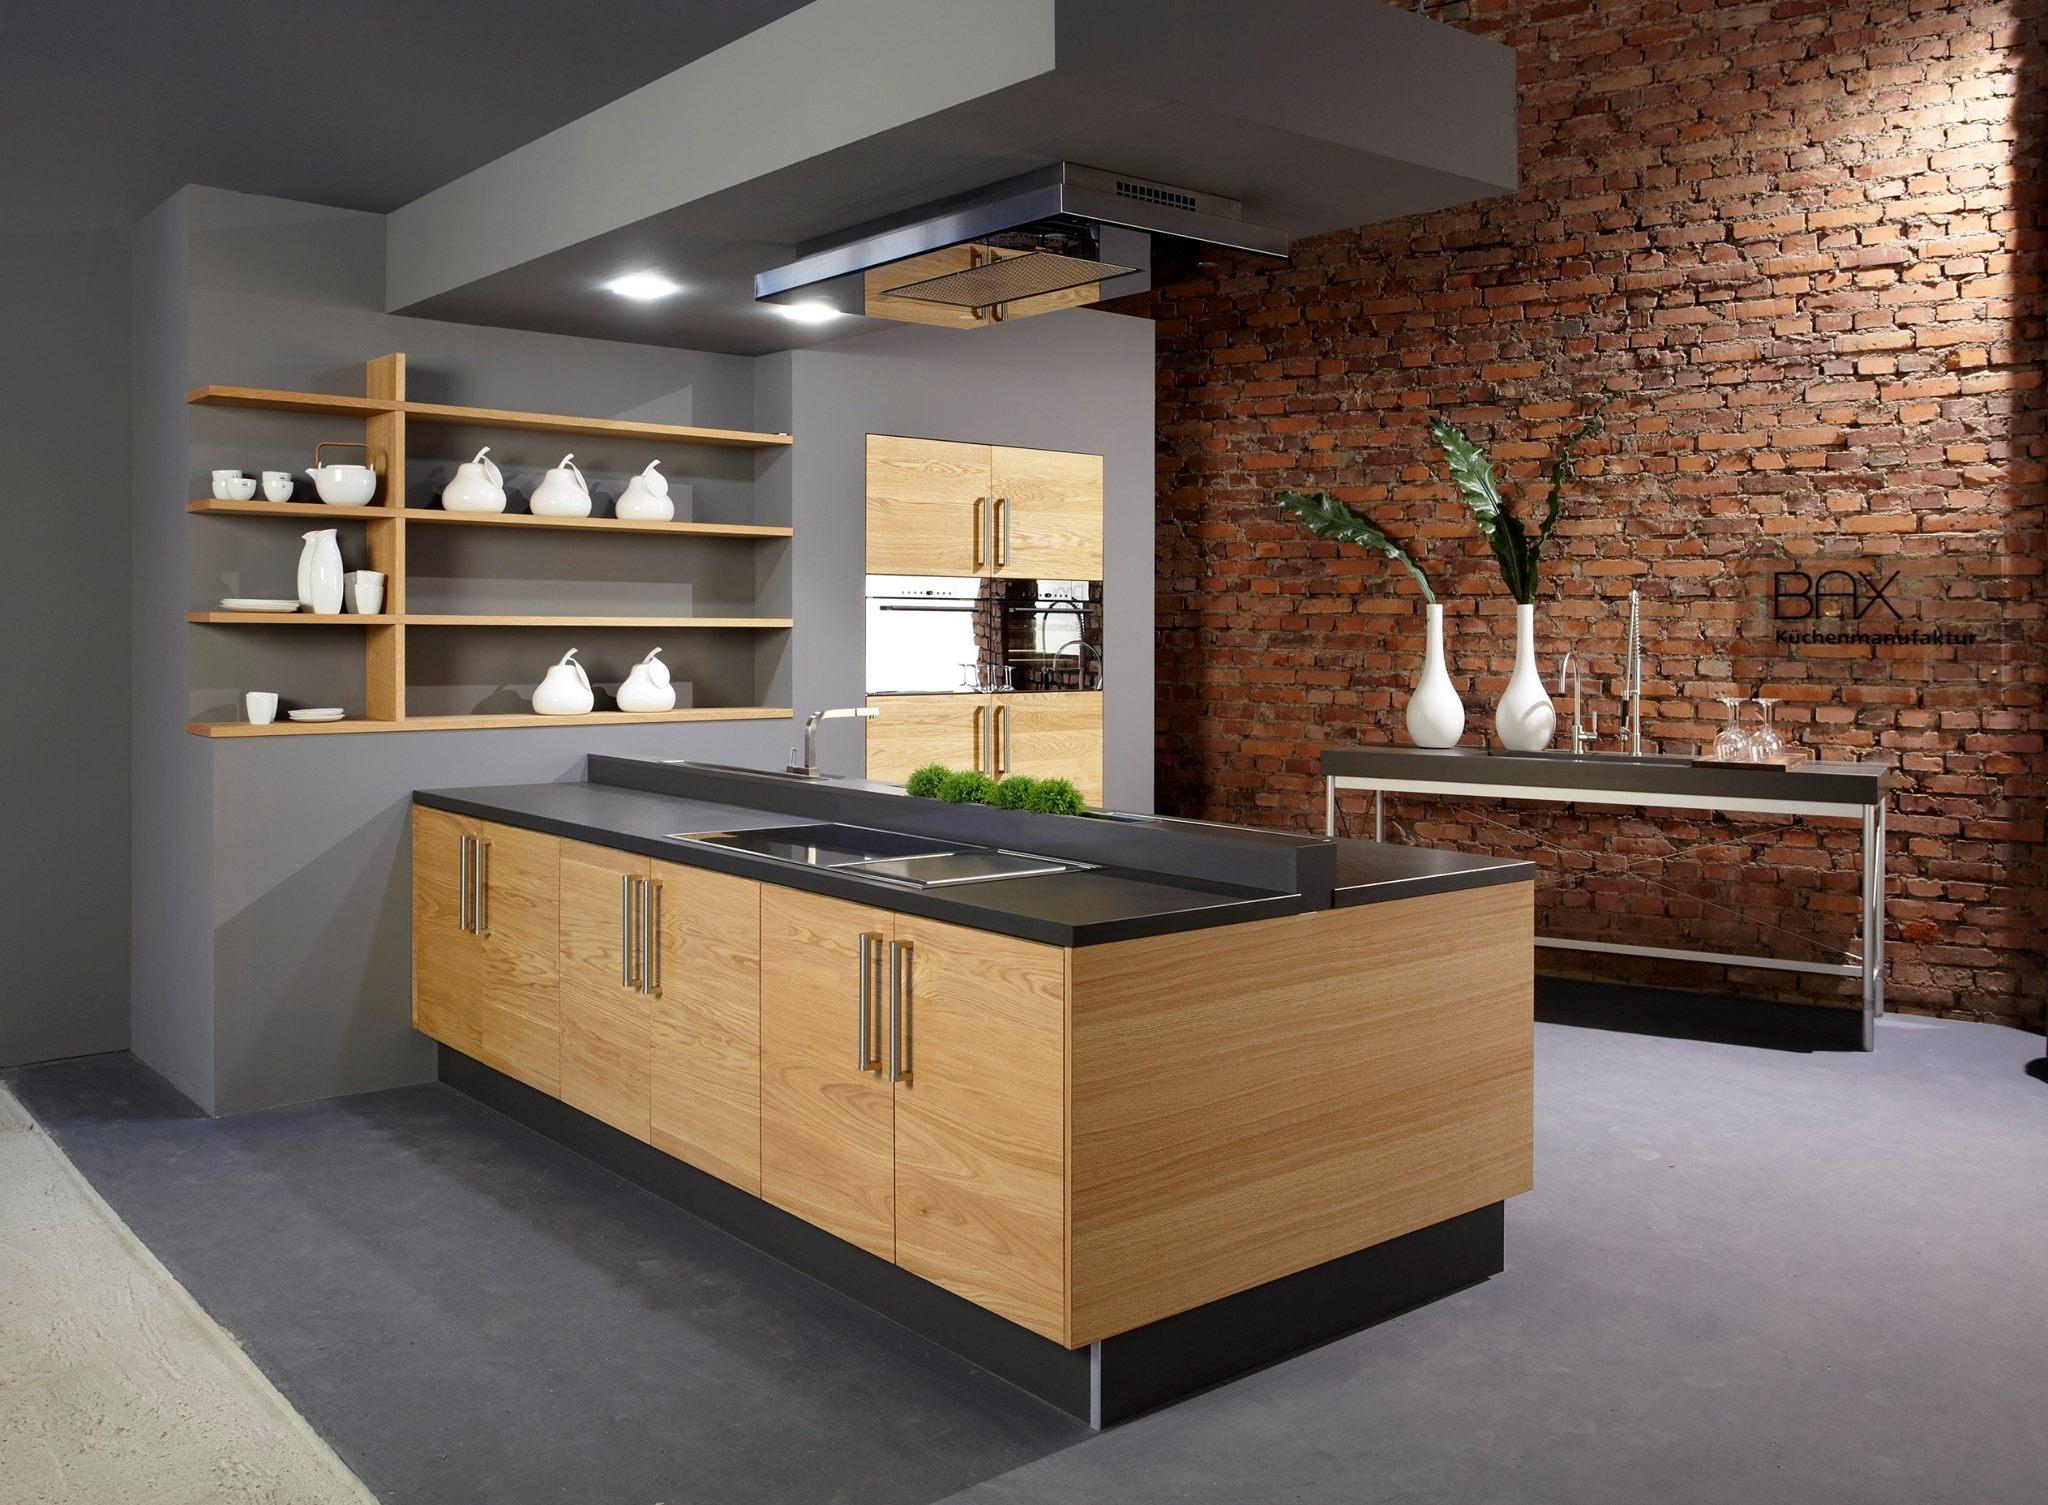 Ihre Kochschule In Koln Bayenthal Porschen Art Cooking